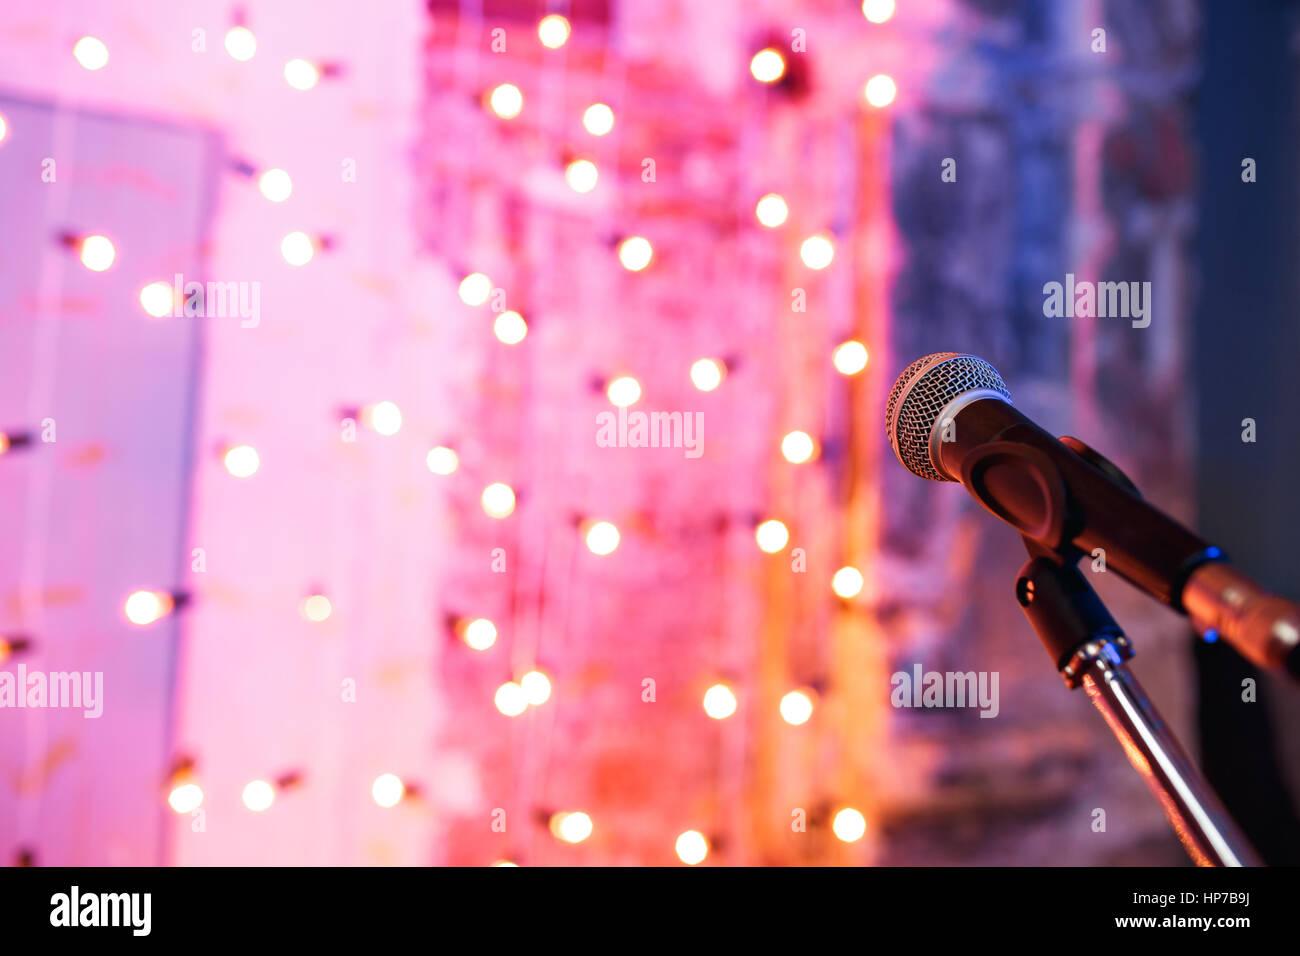 Cerca del micrófono en el Concert Hall, con luces borrosa a fondo Imagen De Stock